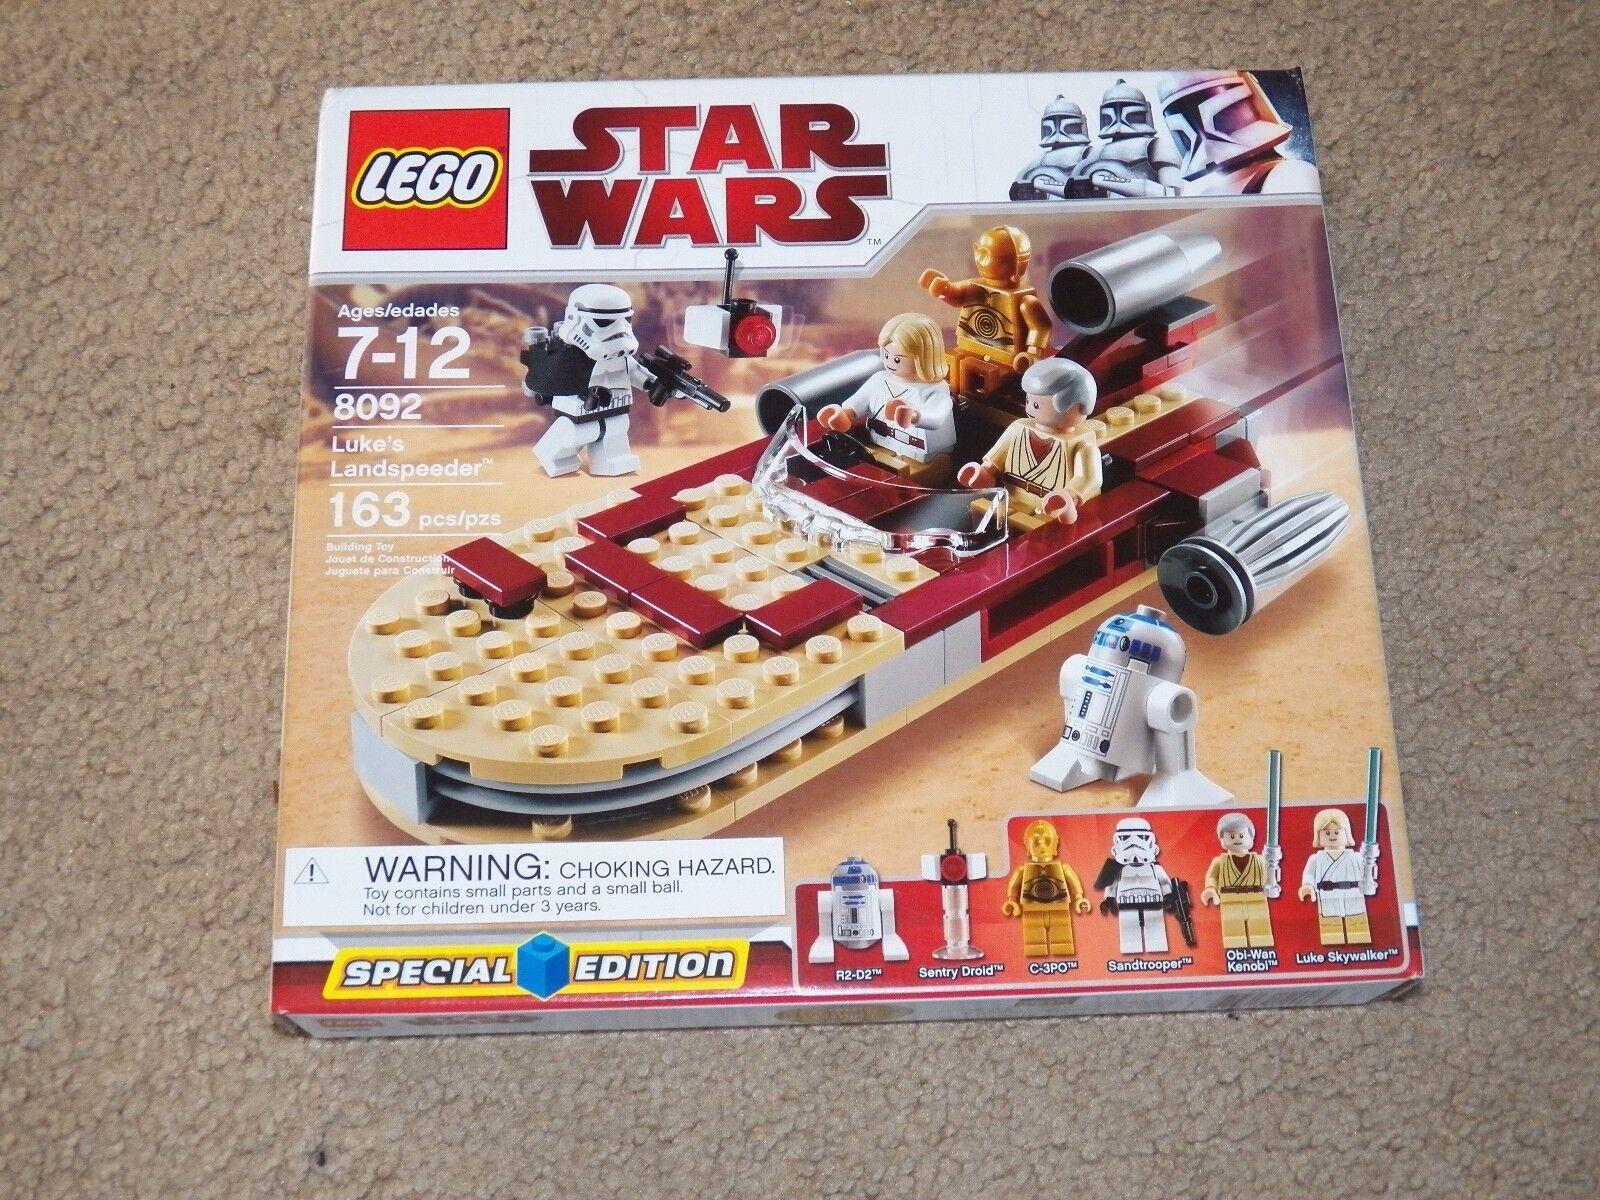 LEGO 8092 Star Wars Luke's Landspeeder 163 pieces Special Edition figurines NEW